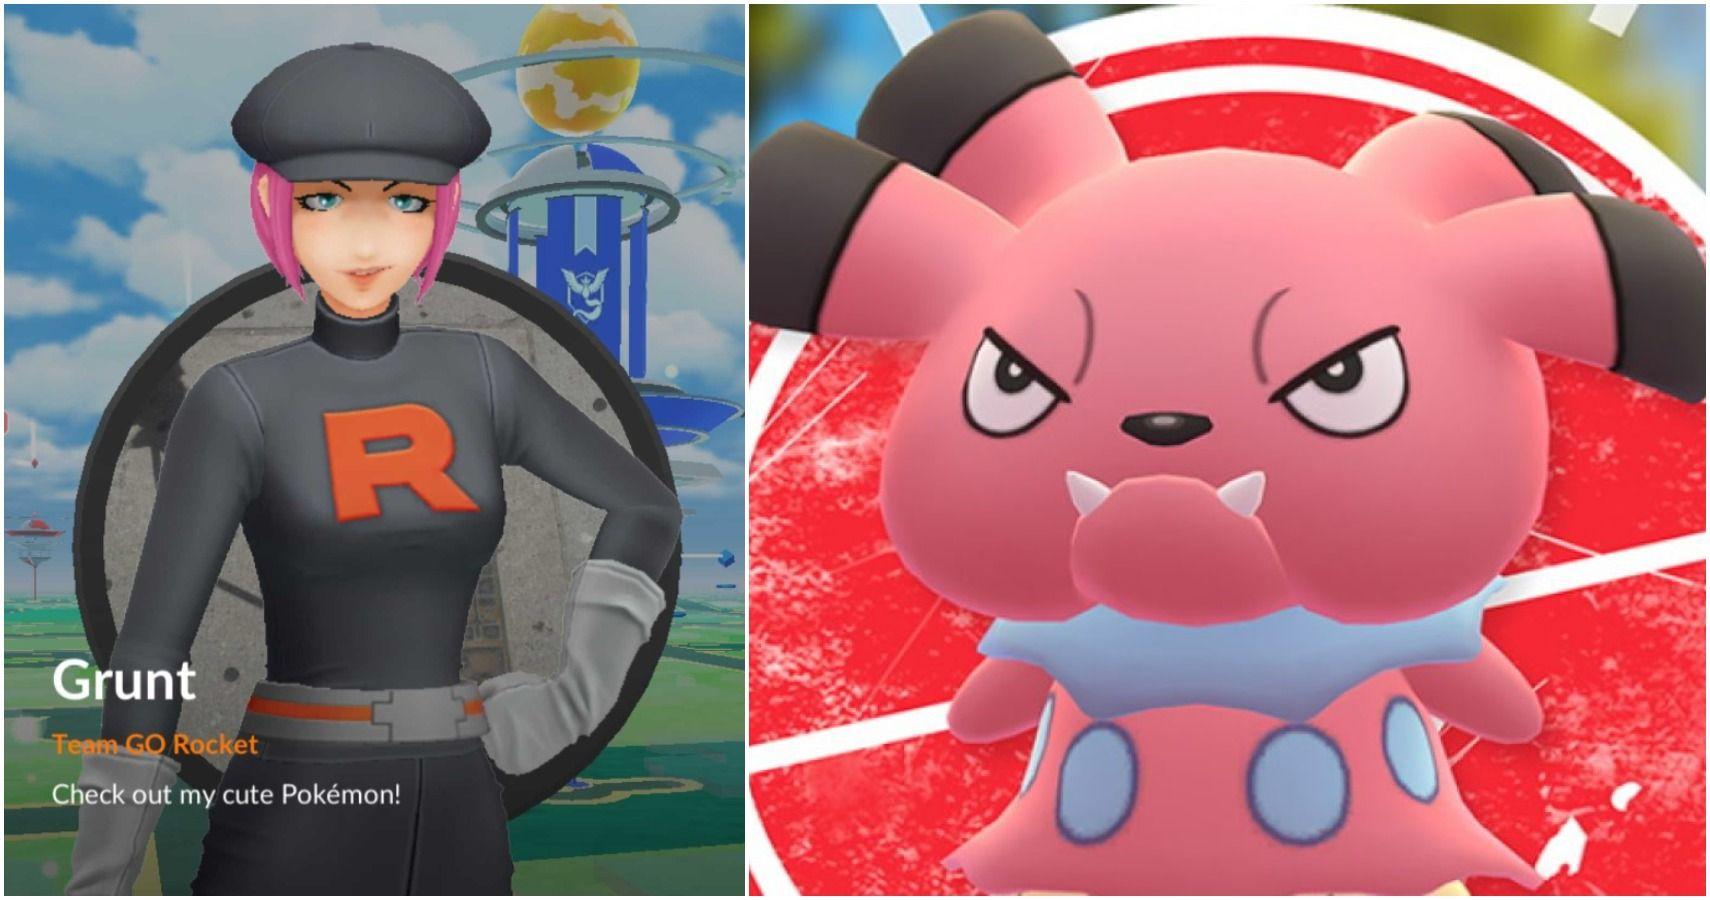 """""""¡Echa un vistazo a mi lindo Pokémon!""""  - Cómo encontrar el gruñido del cohete GO de tipo hada en Pokémon GO"""